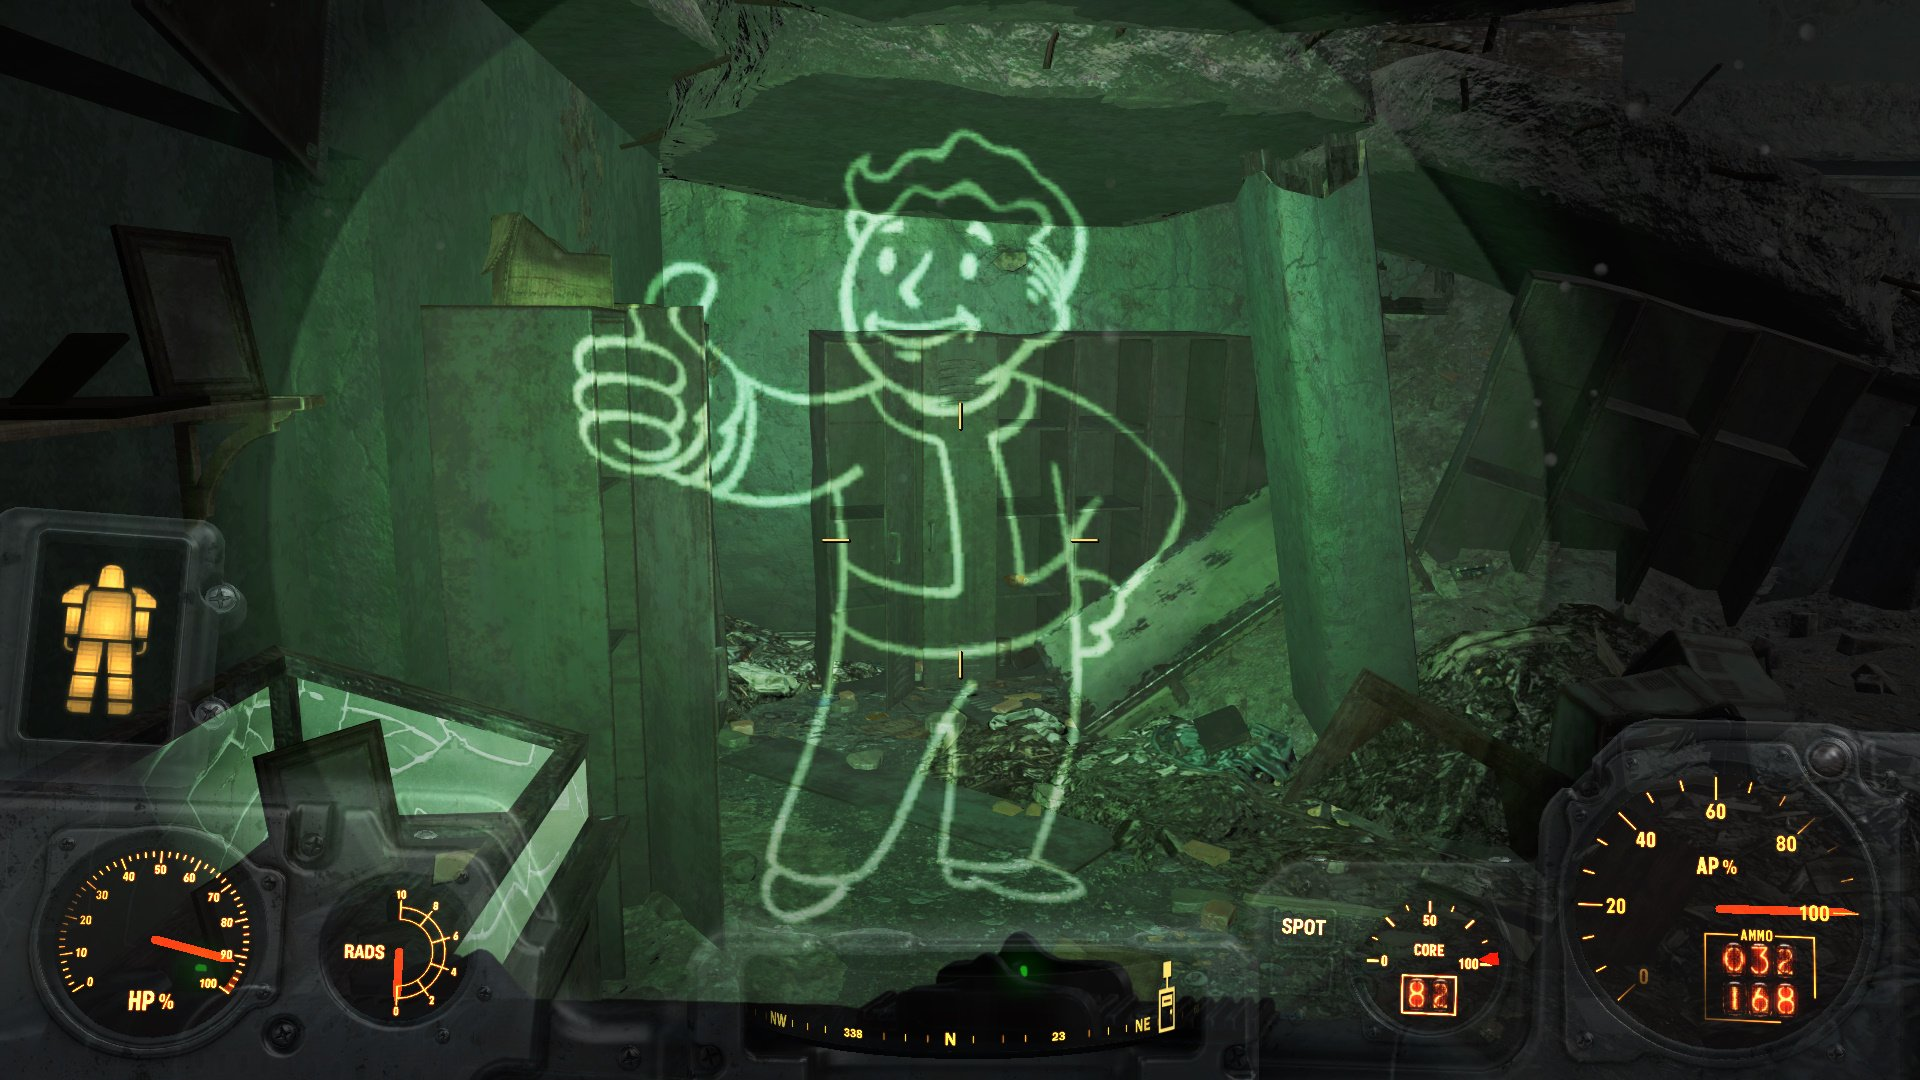 Сравнительный анализ (на самом деле нет) Fallout New Vegas vs. Fallout 4 (часть 1). - Изображение 1